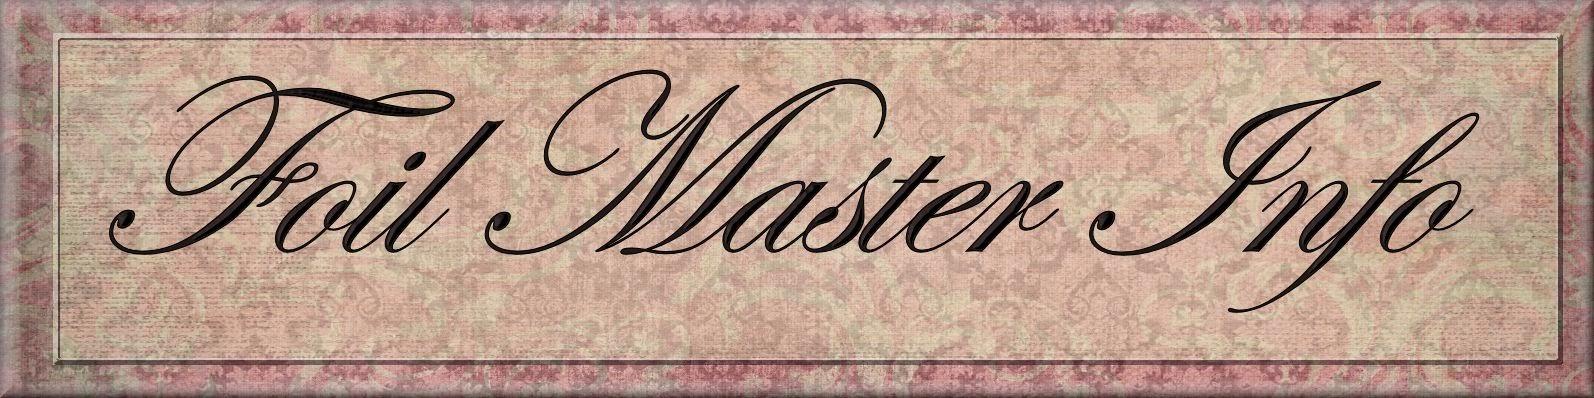 Foil Master